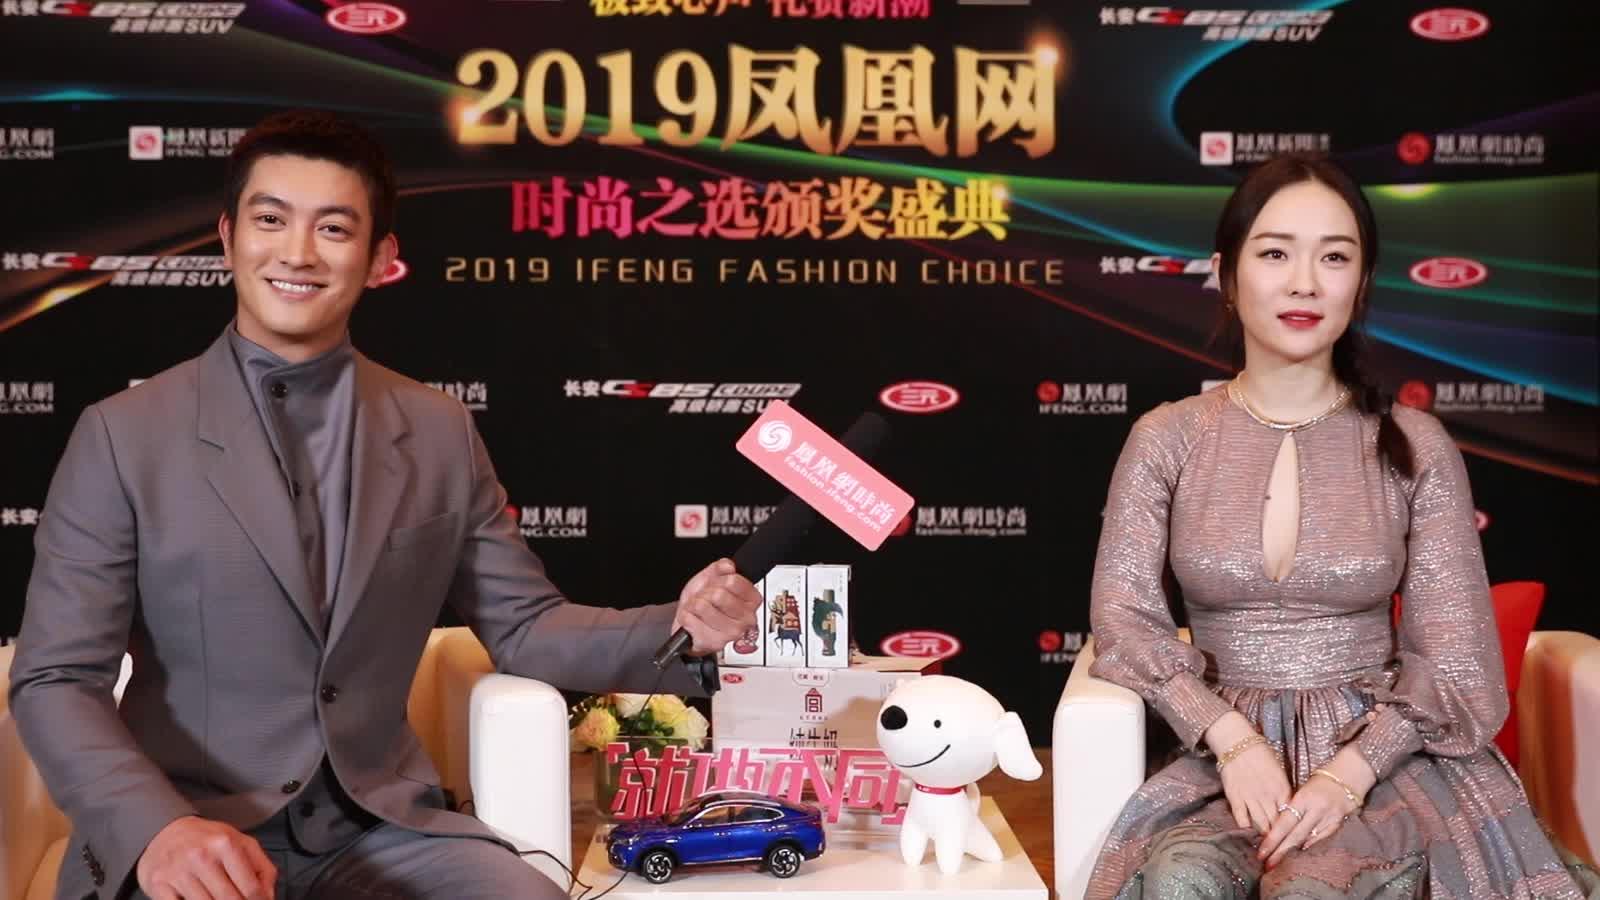 直击凤凰网时尚之选,专访杜江&霍思燕——嗯哼已经得了18次第一啦~